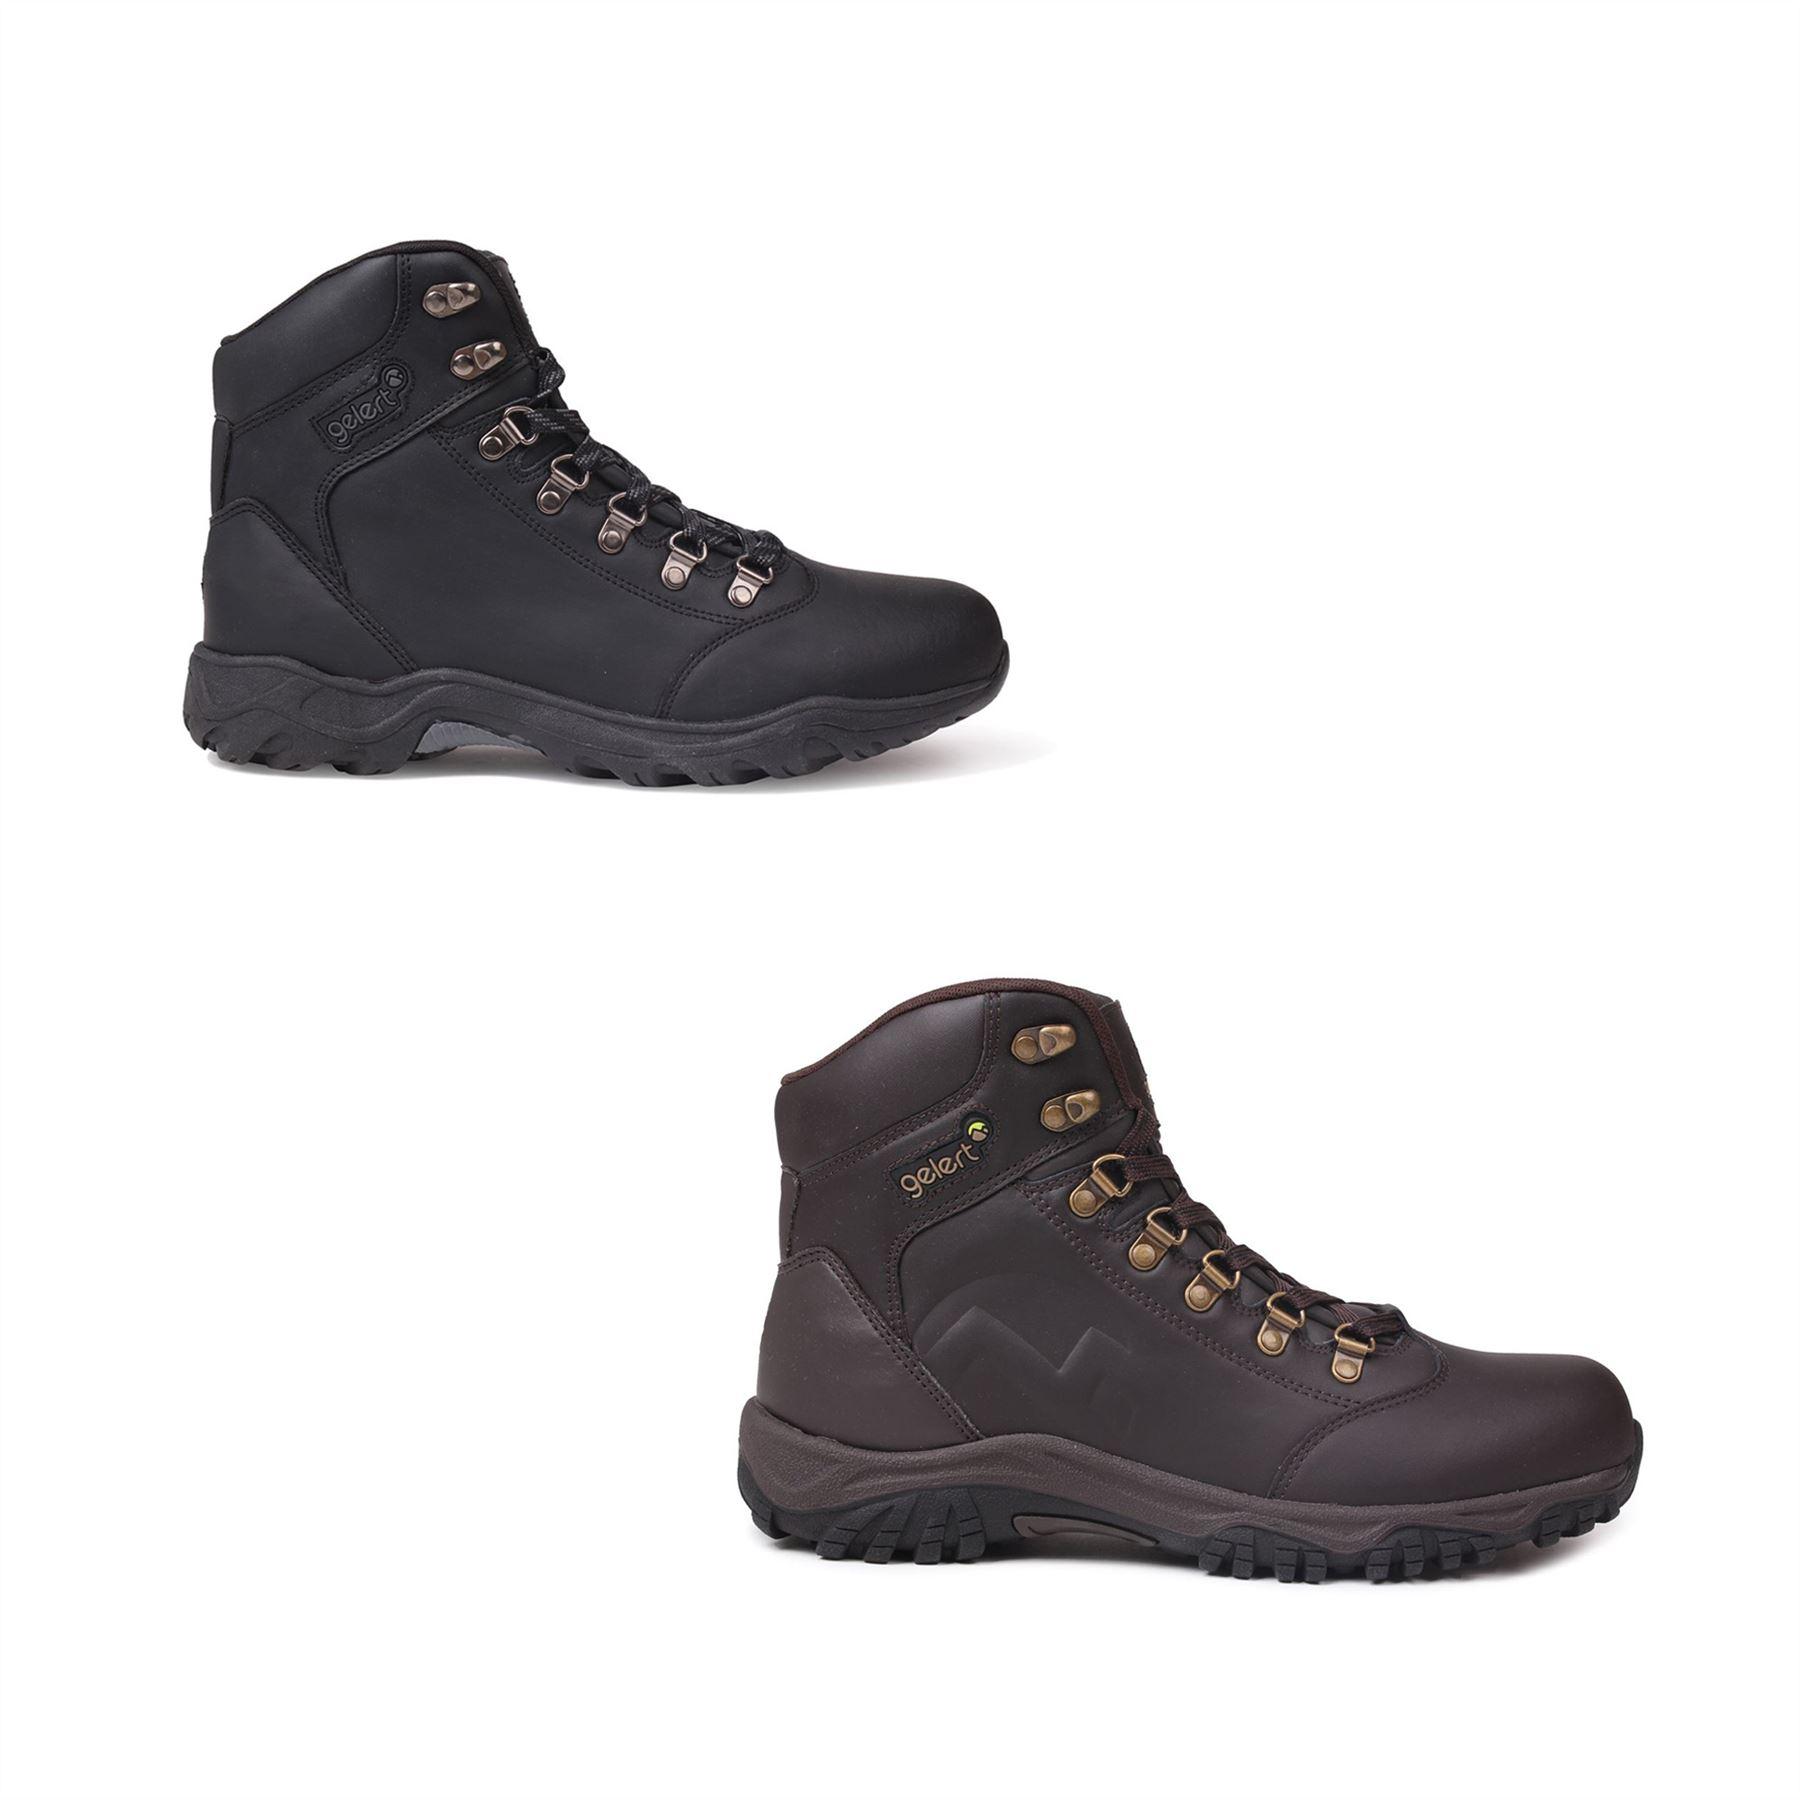 Détails sur Gelert Cuir Marche Bottes Hommes Randonnée Trekking Chaussures Chaussures